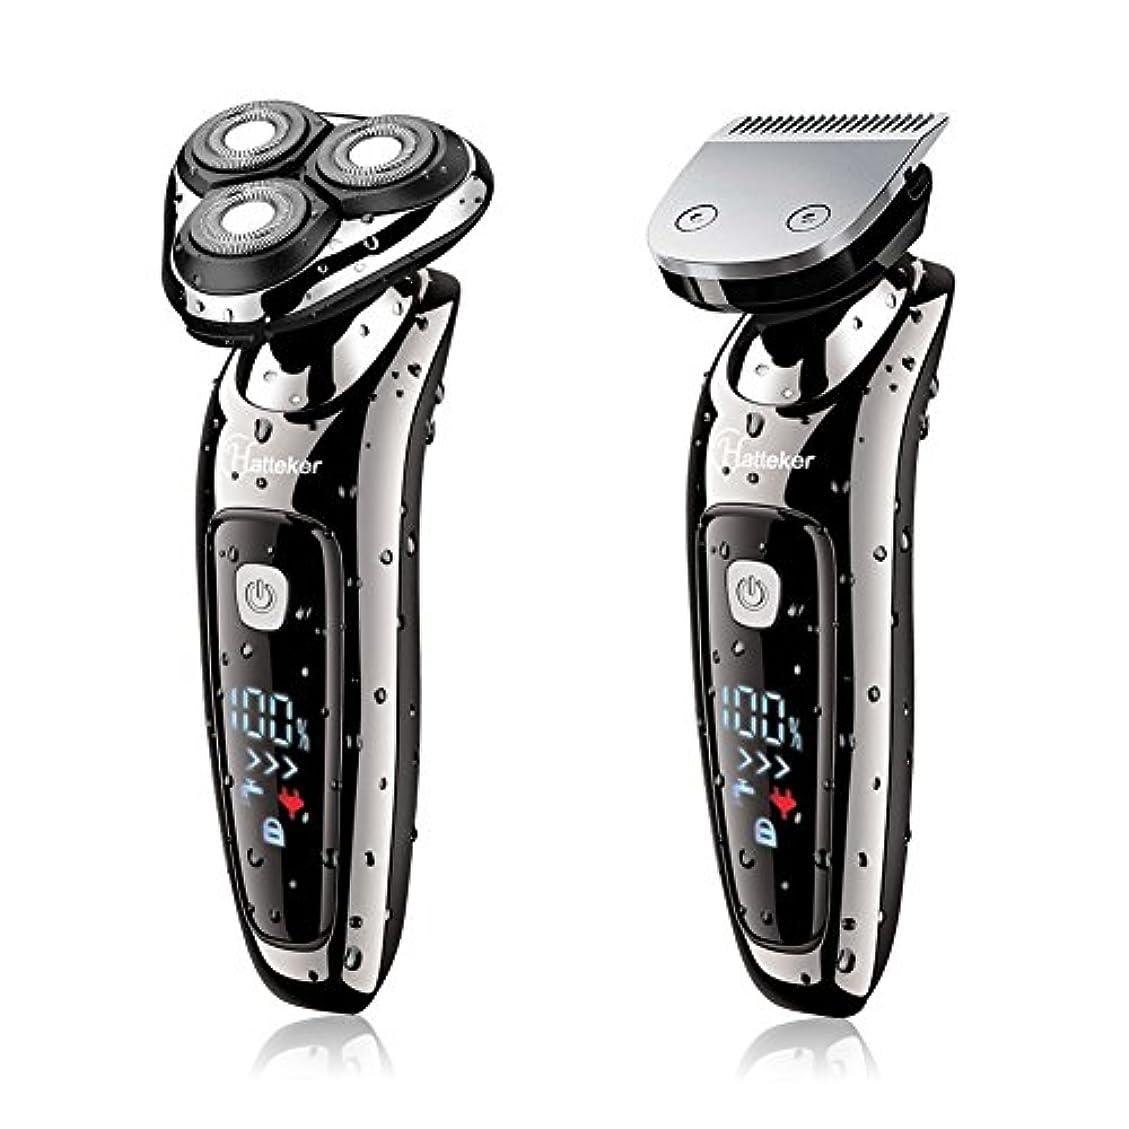 シフトお本土HATTEKER 電気シェーバー メンズ ひげ剃り充電式·交流式 バリカン/ヒゲ トリマーヘッド付き LEDディスプレイ 水洗いOK